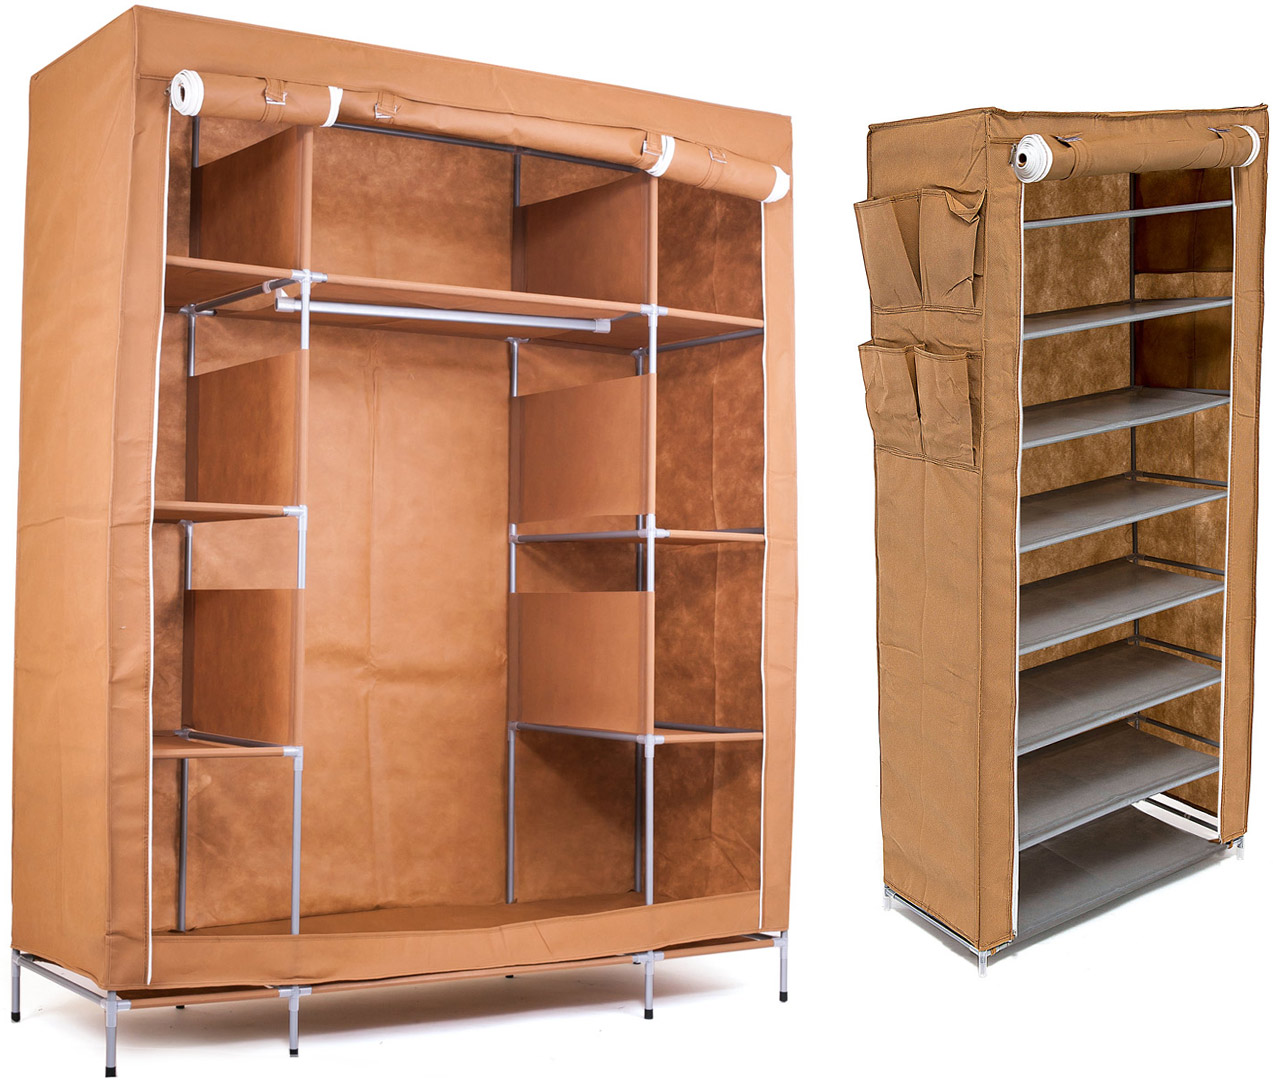 Набор кофров для хранения Homsu, цвет: коричневый, 2 шт74-0060Уникальный дизайн этого комплекта станет настоящим украшением для любого интерьера. Практичная составляющая подобной мебели также вне сомнений. Лёгкие и прочные устойчивые конструкции из каркасов и тканевой обивки могут быть легко собраны вами без посторонней помощи, буквально за несколько минут.Такая мебель будет всегда удобной и максимально практичной, ведь верхнюю тканевую часть при надобности можно всегда постирать либо же попросту поменять на аналогичную другого цвета. Кроме того, такие конструкции всегда будут отличным решением для того, кому по душе мобильность и постоянная смена обстановки. 1400х500х1750; 600х300х1360